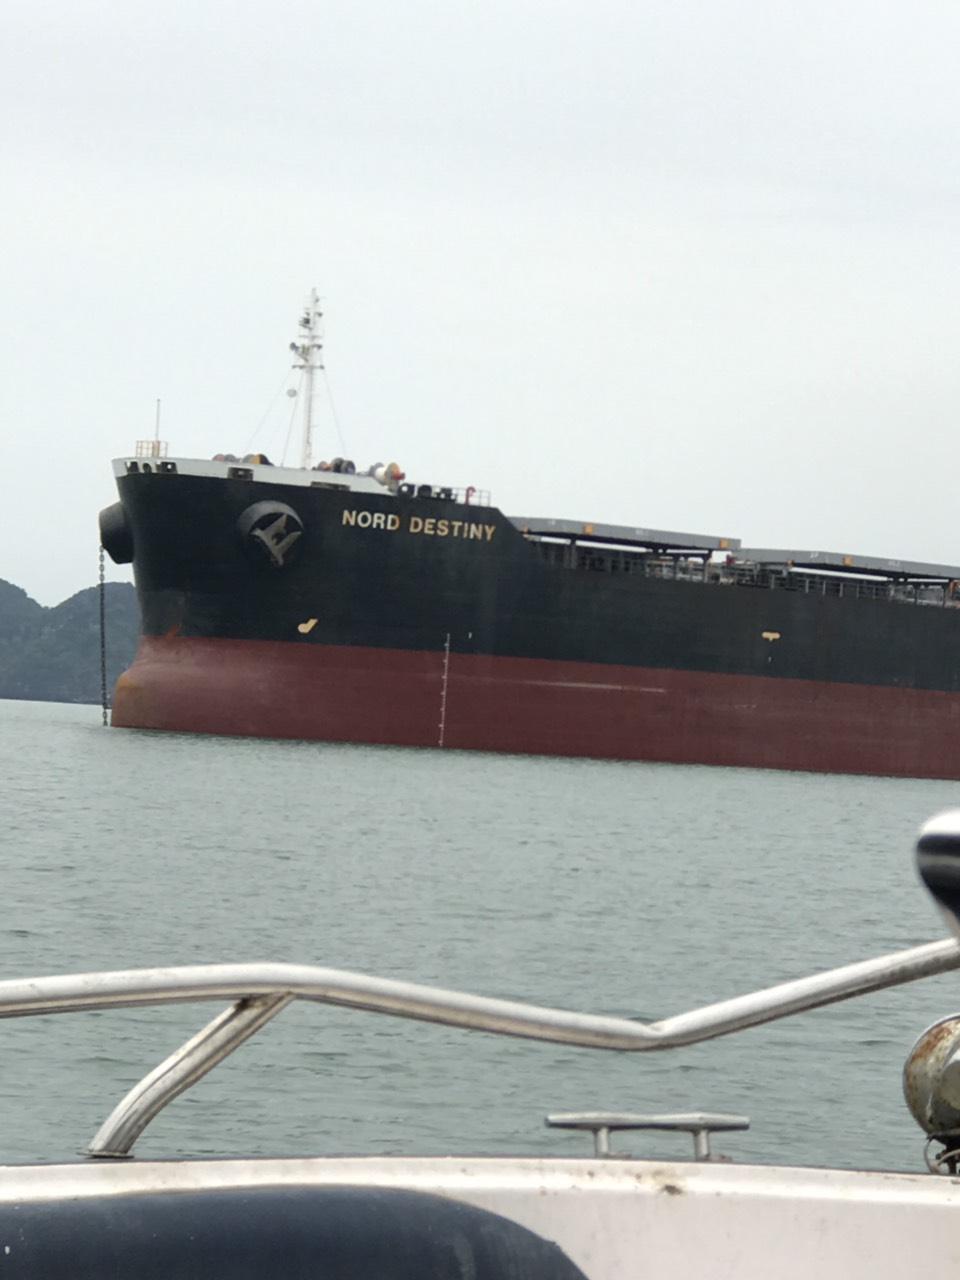 Tầu Nord Destiny Ngô cảng Cái Lân